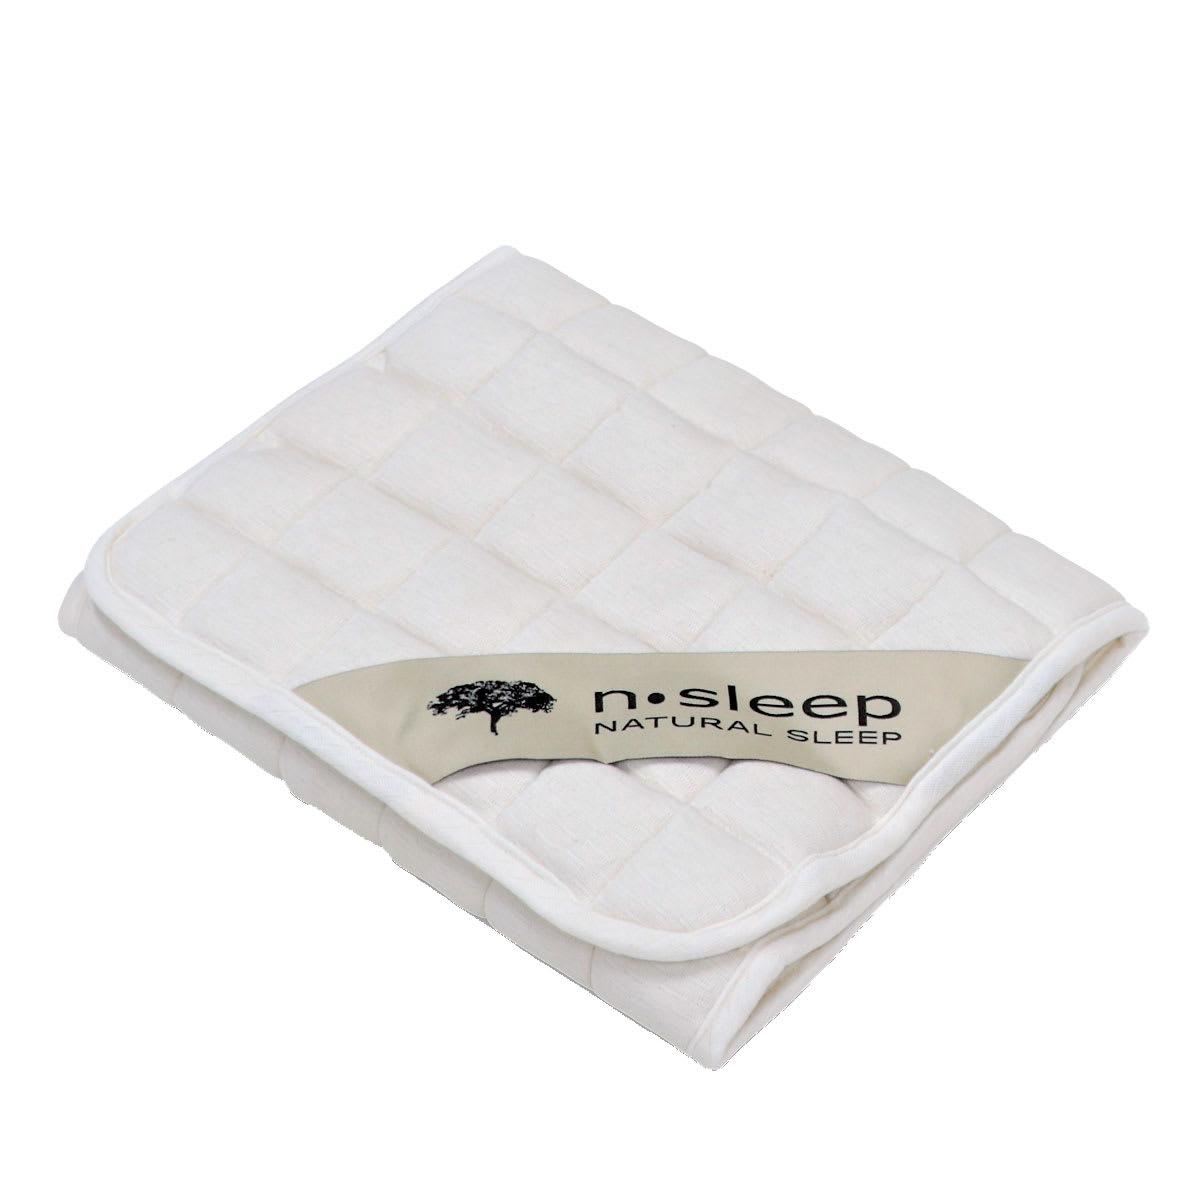 30 x 75 cm - Kapok naturfibre - Allergivenlig med god ventilation